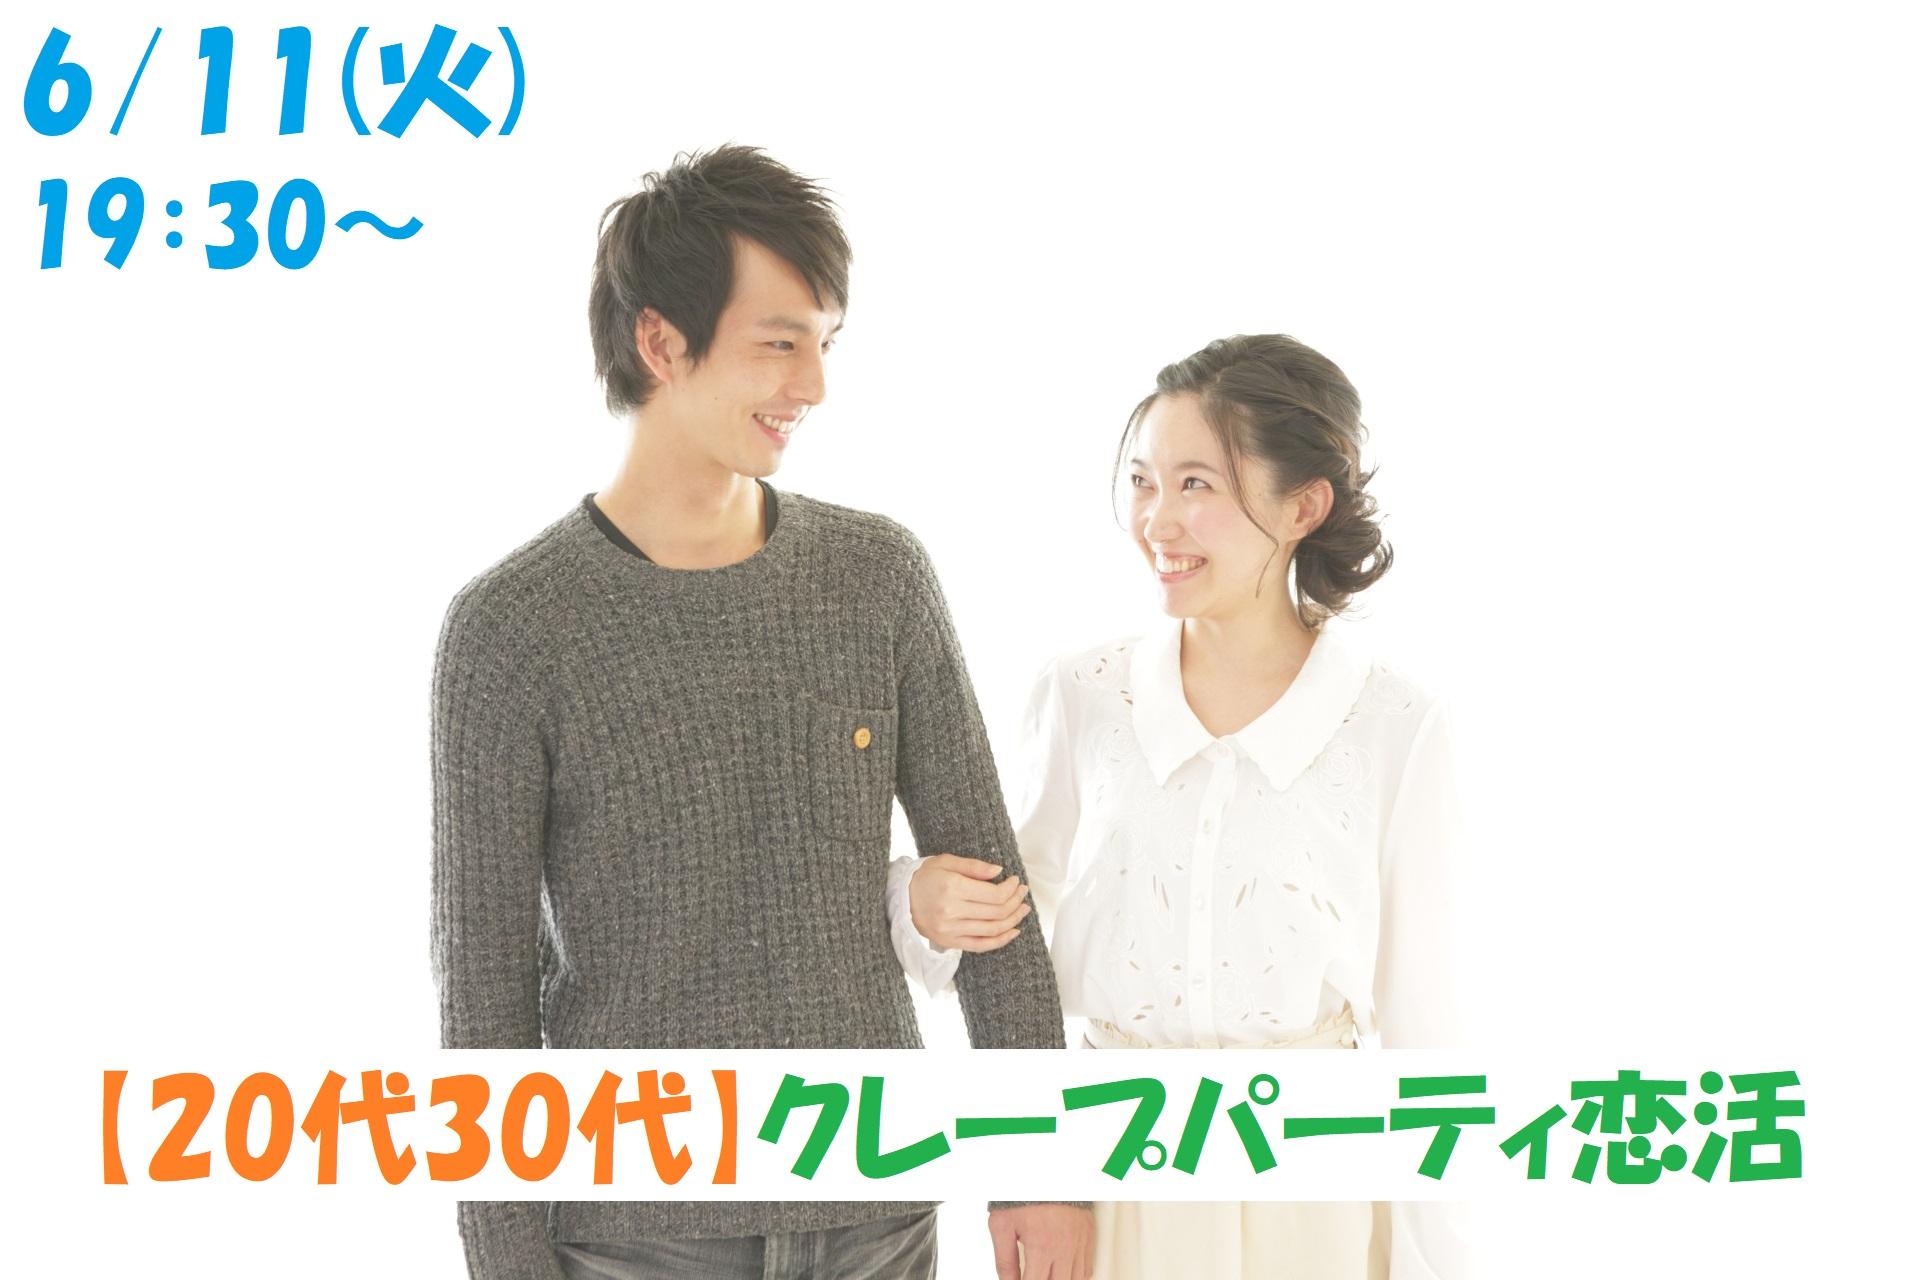 【終了】6月11日(火)19時30分~【20代30代】めっちゃ盛り上がるクレープパーティ恋活